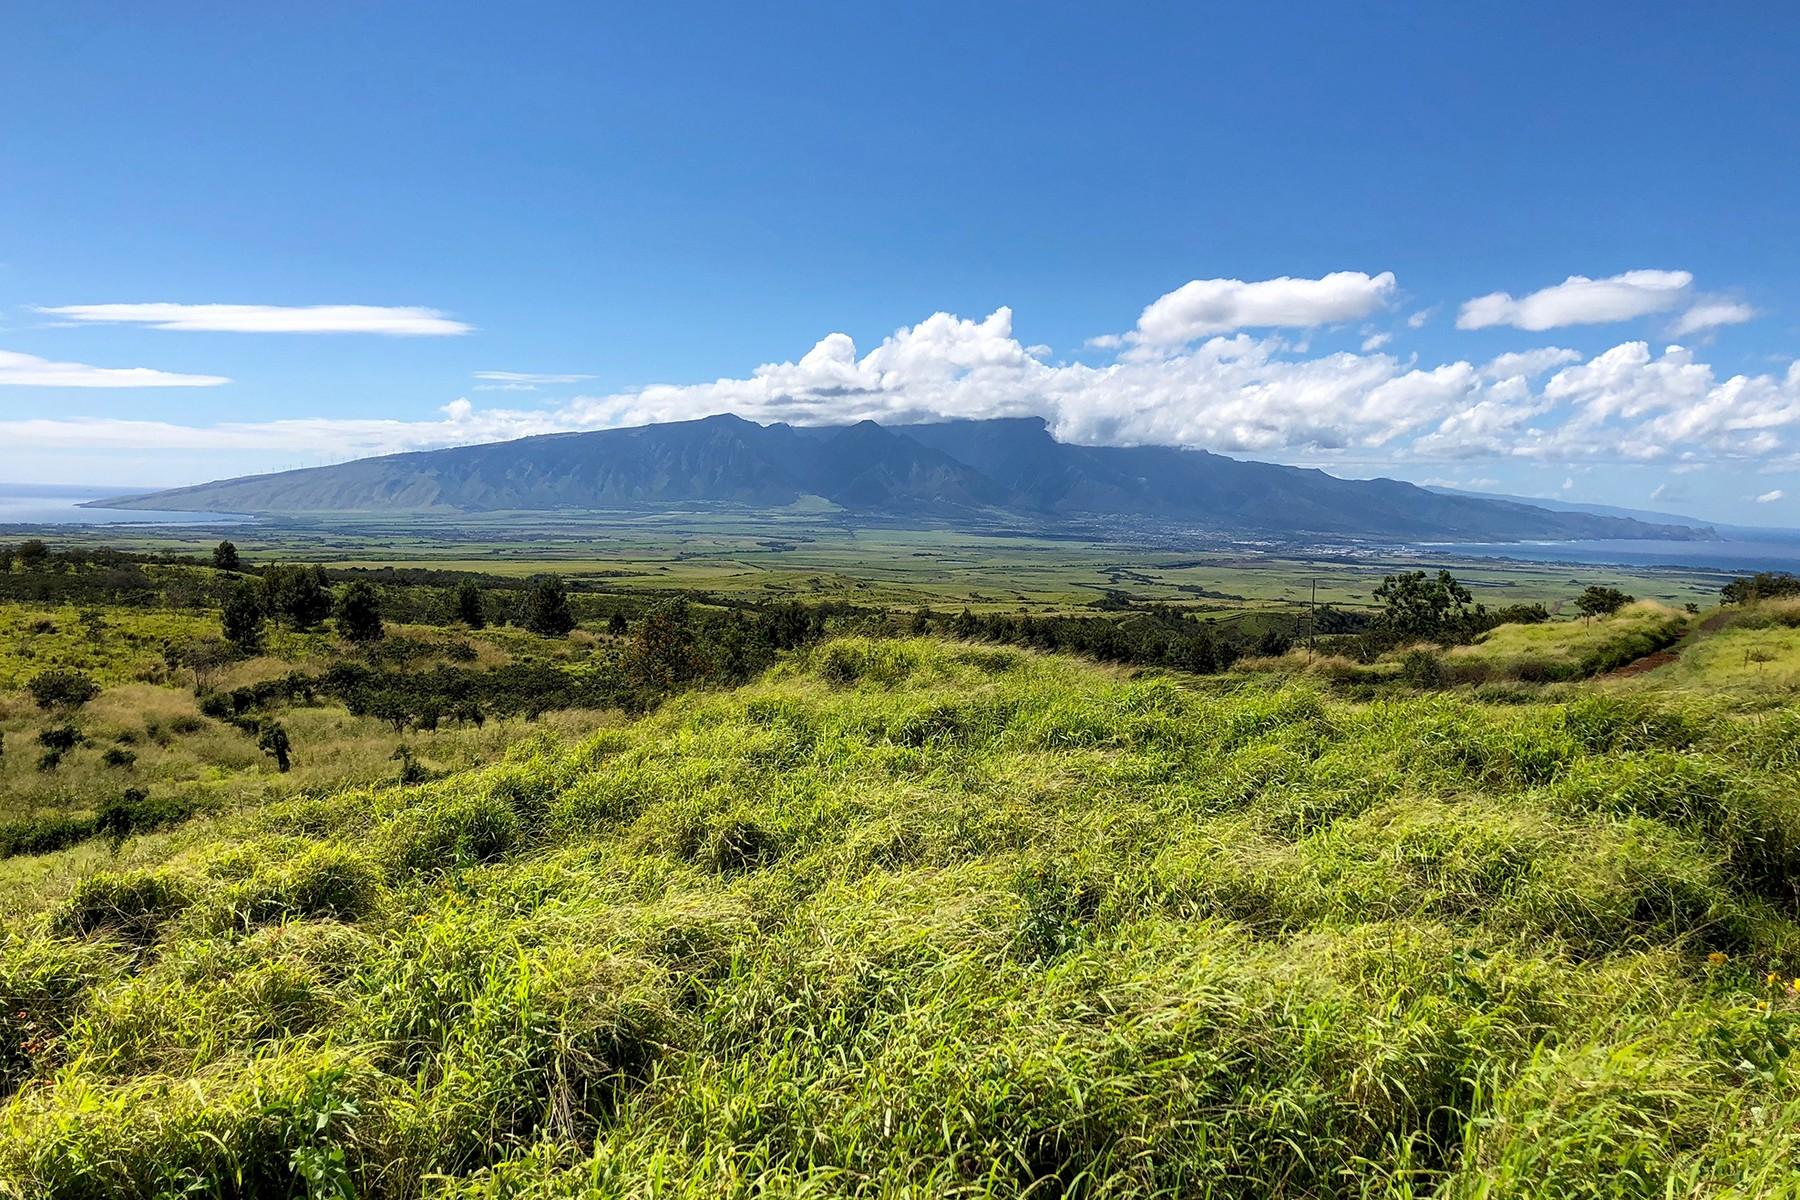 Fazenda / Quinta / Rancho / Plantação para Venda às Kalialinui Ranch_ A 464 Acre Maui Treasure 0 Kula Highway, Kula, Havaí 96790 Estados Unidos